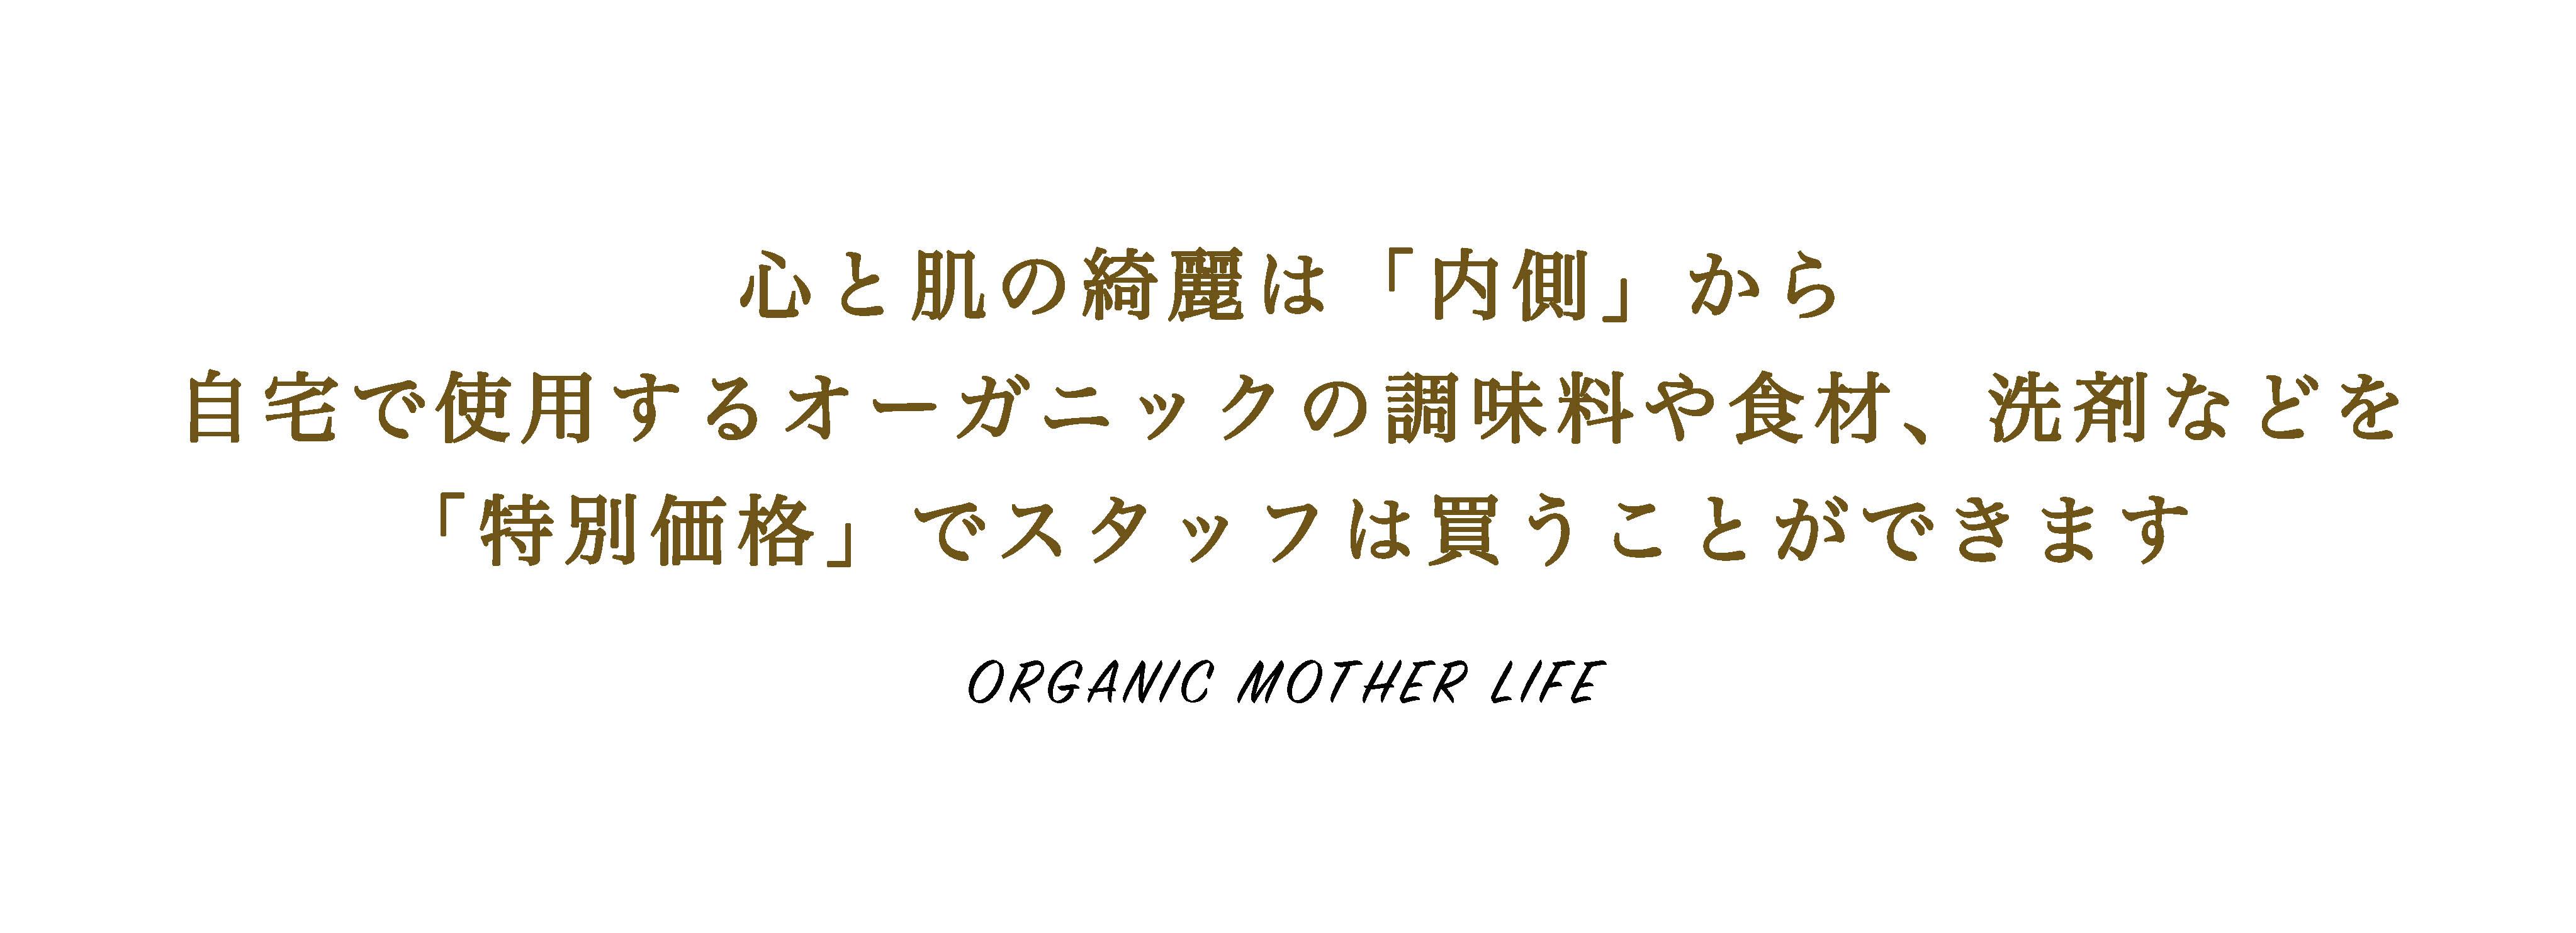 オーガニックマザーライフ福利厚生4